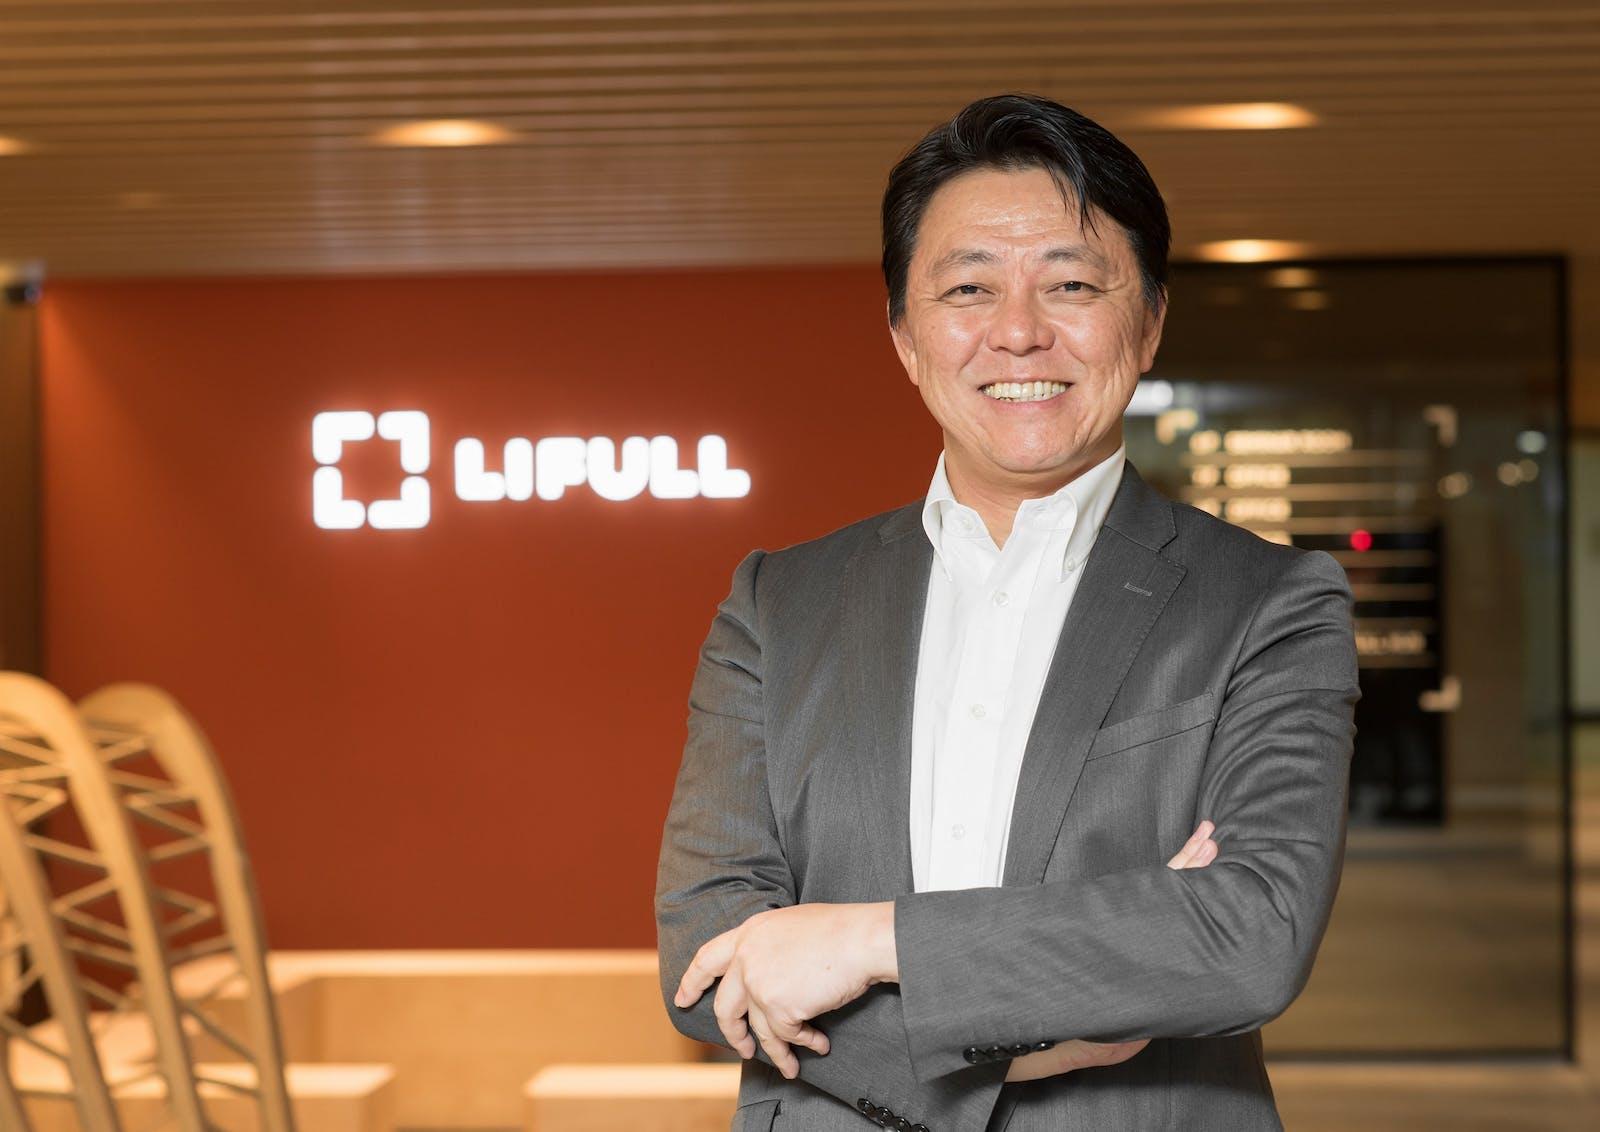 株式会社LIFULLのアイキャッチ画像